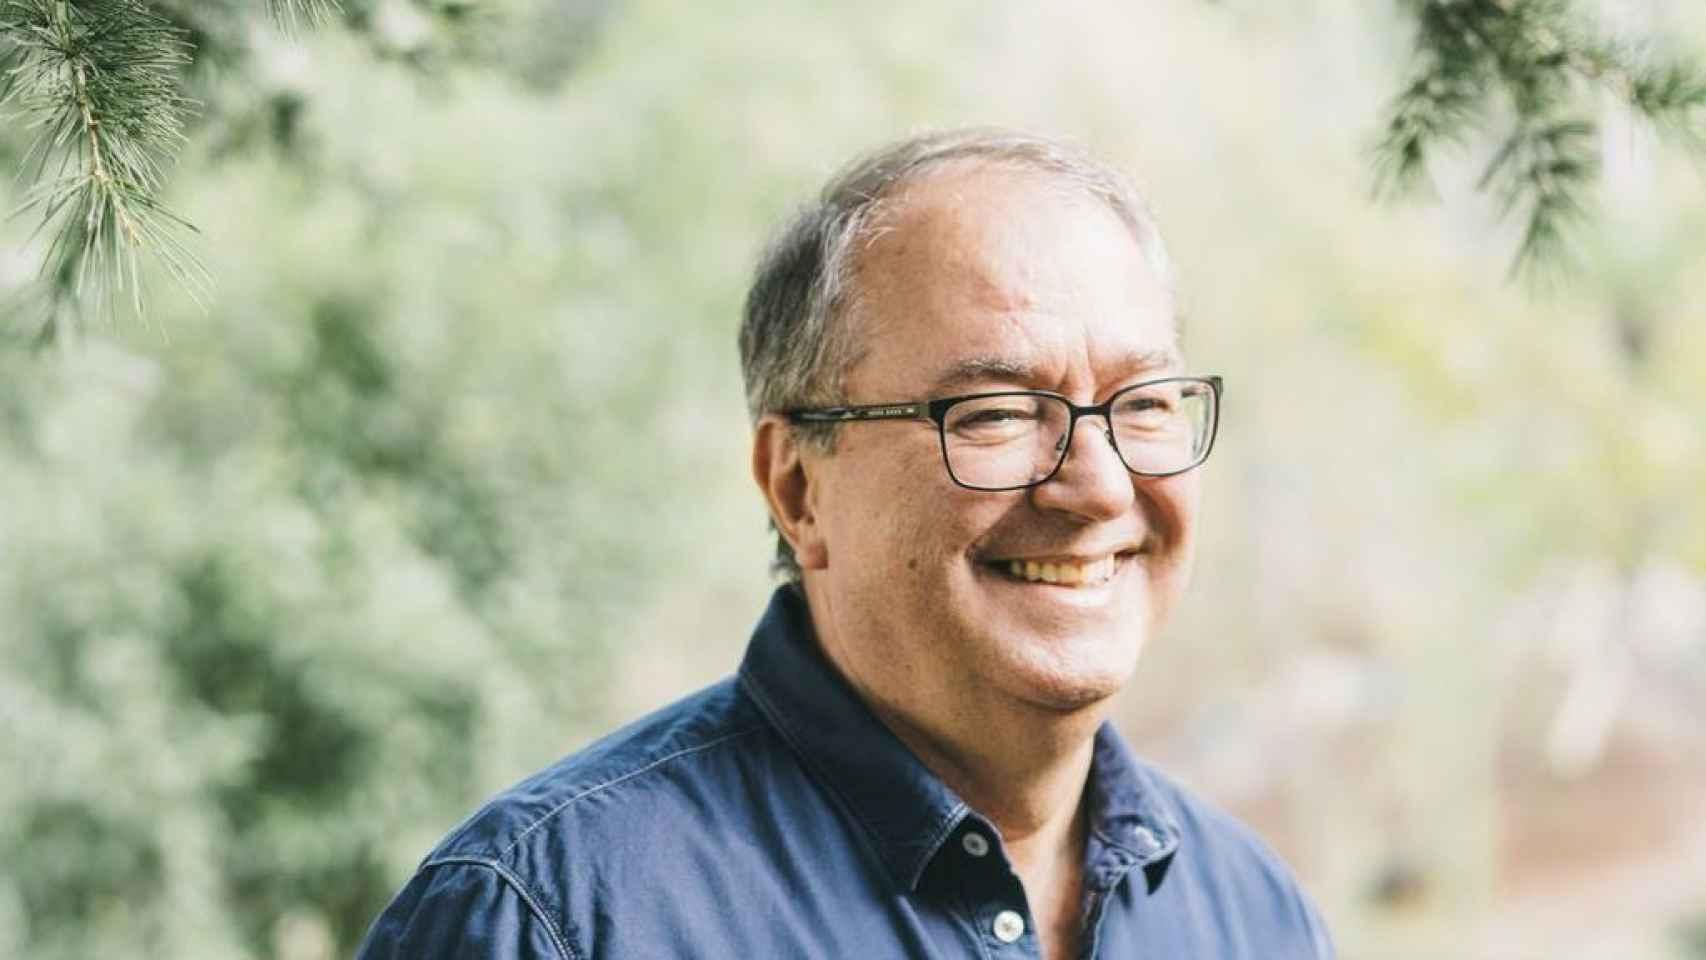 Enric Corbera difunde la bioneuroemoción. Gana 2,5 millones al año. Dice que el cáncer se cura sin tratarlo.